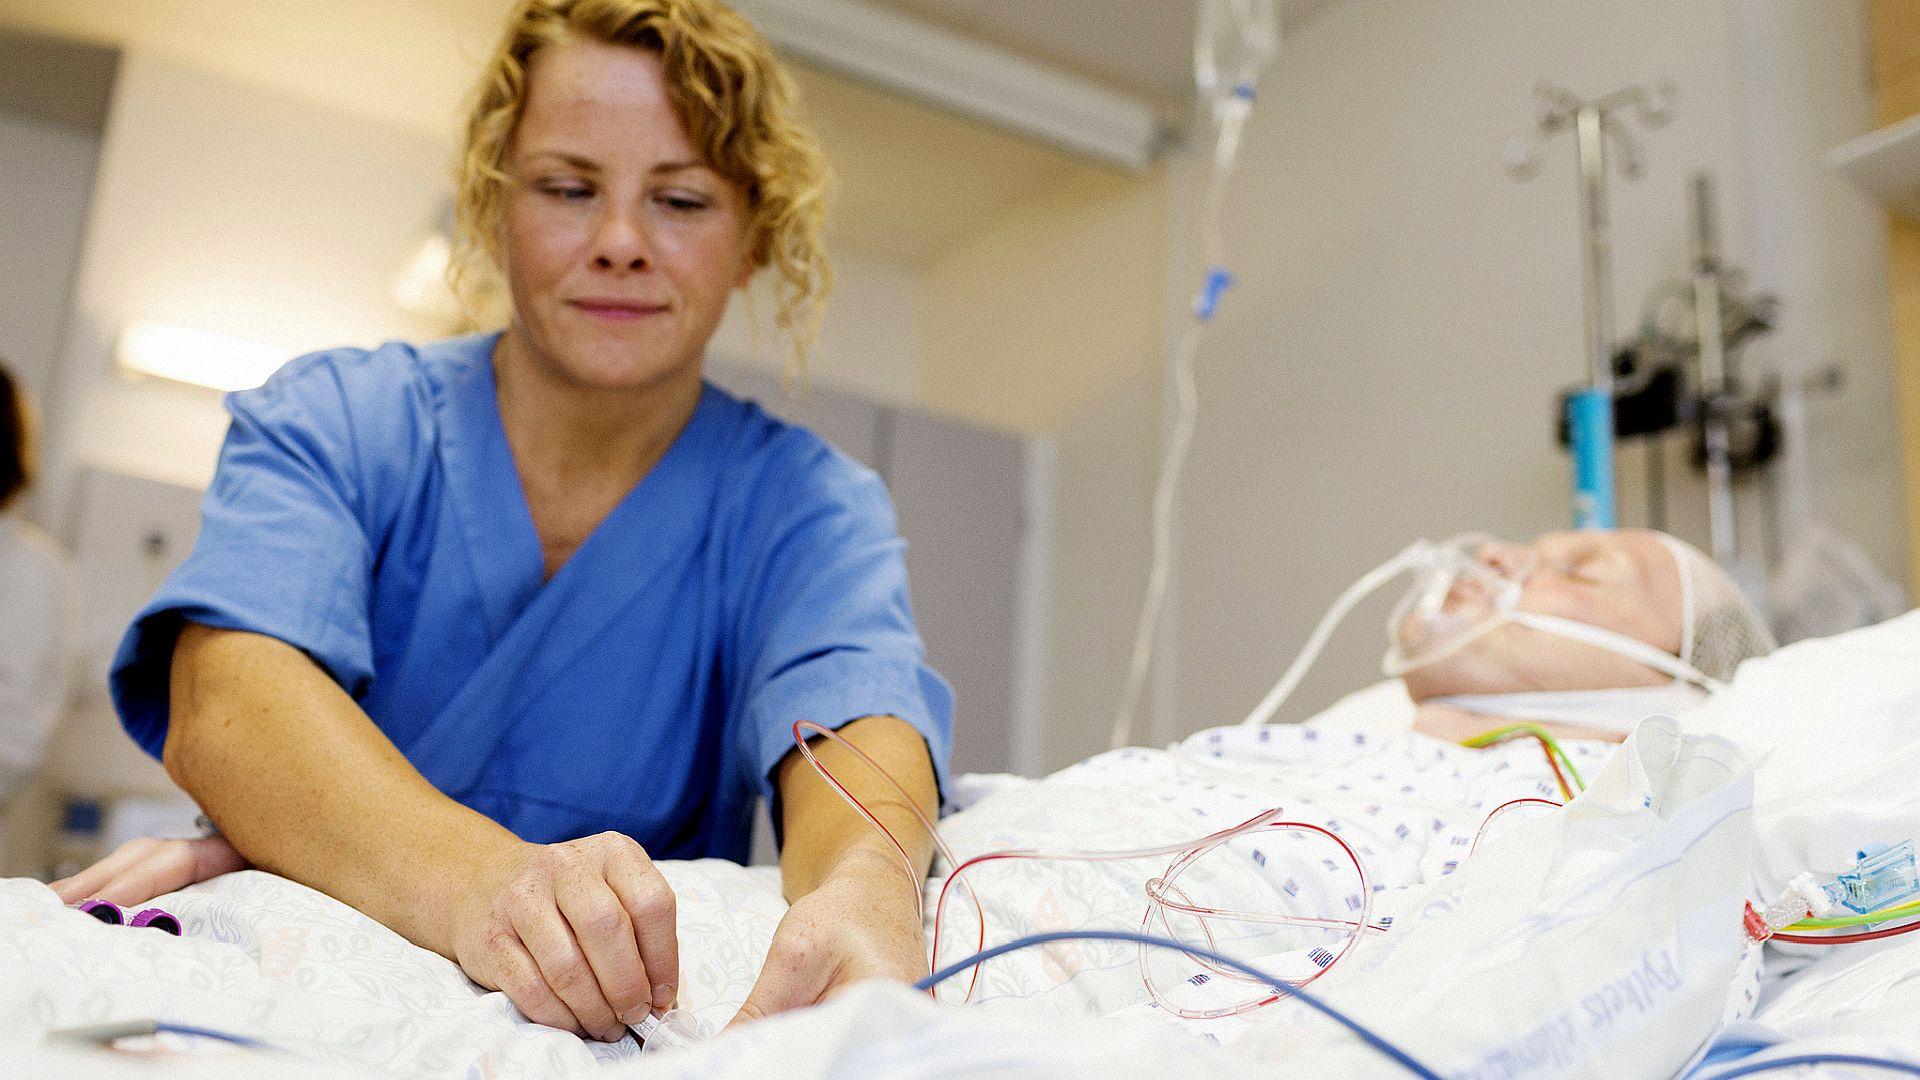 Wat moet Nederland doen om te zorgen voor voldoende gemotiveerde verpleegkundigen in de komende jaren? vijf suggesties om het vak aantrekkelijker te maken.